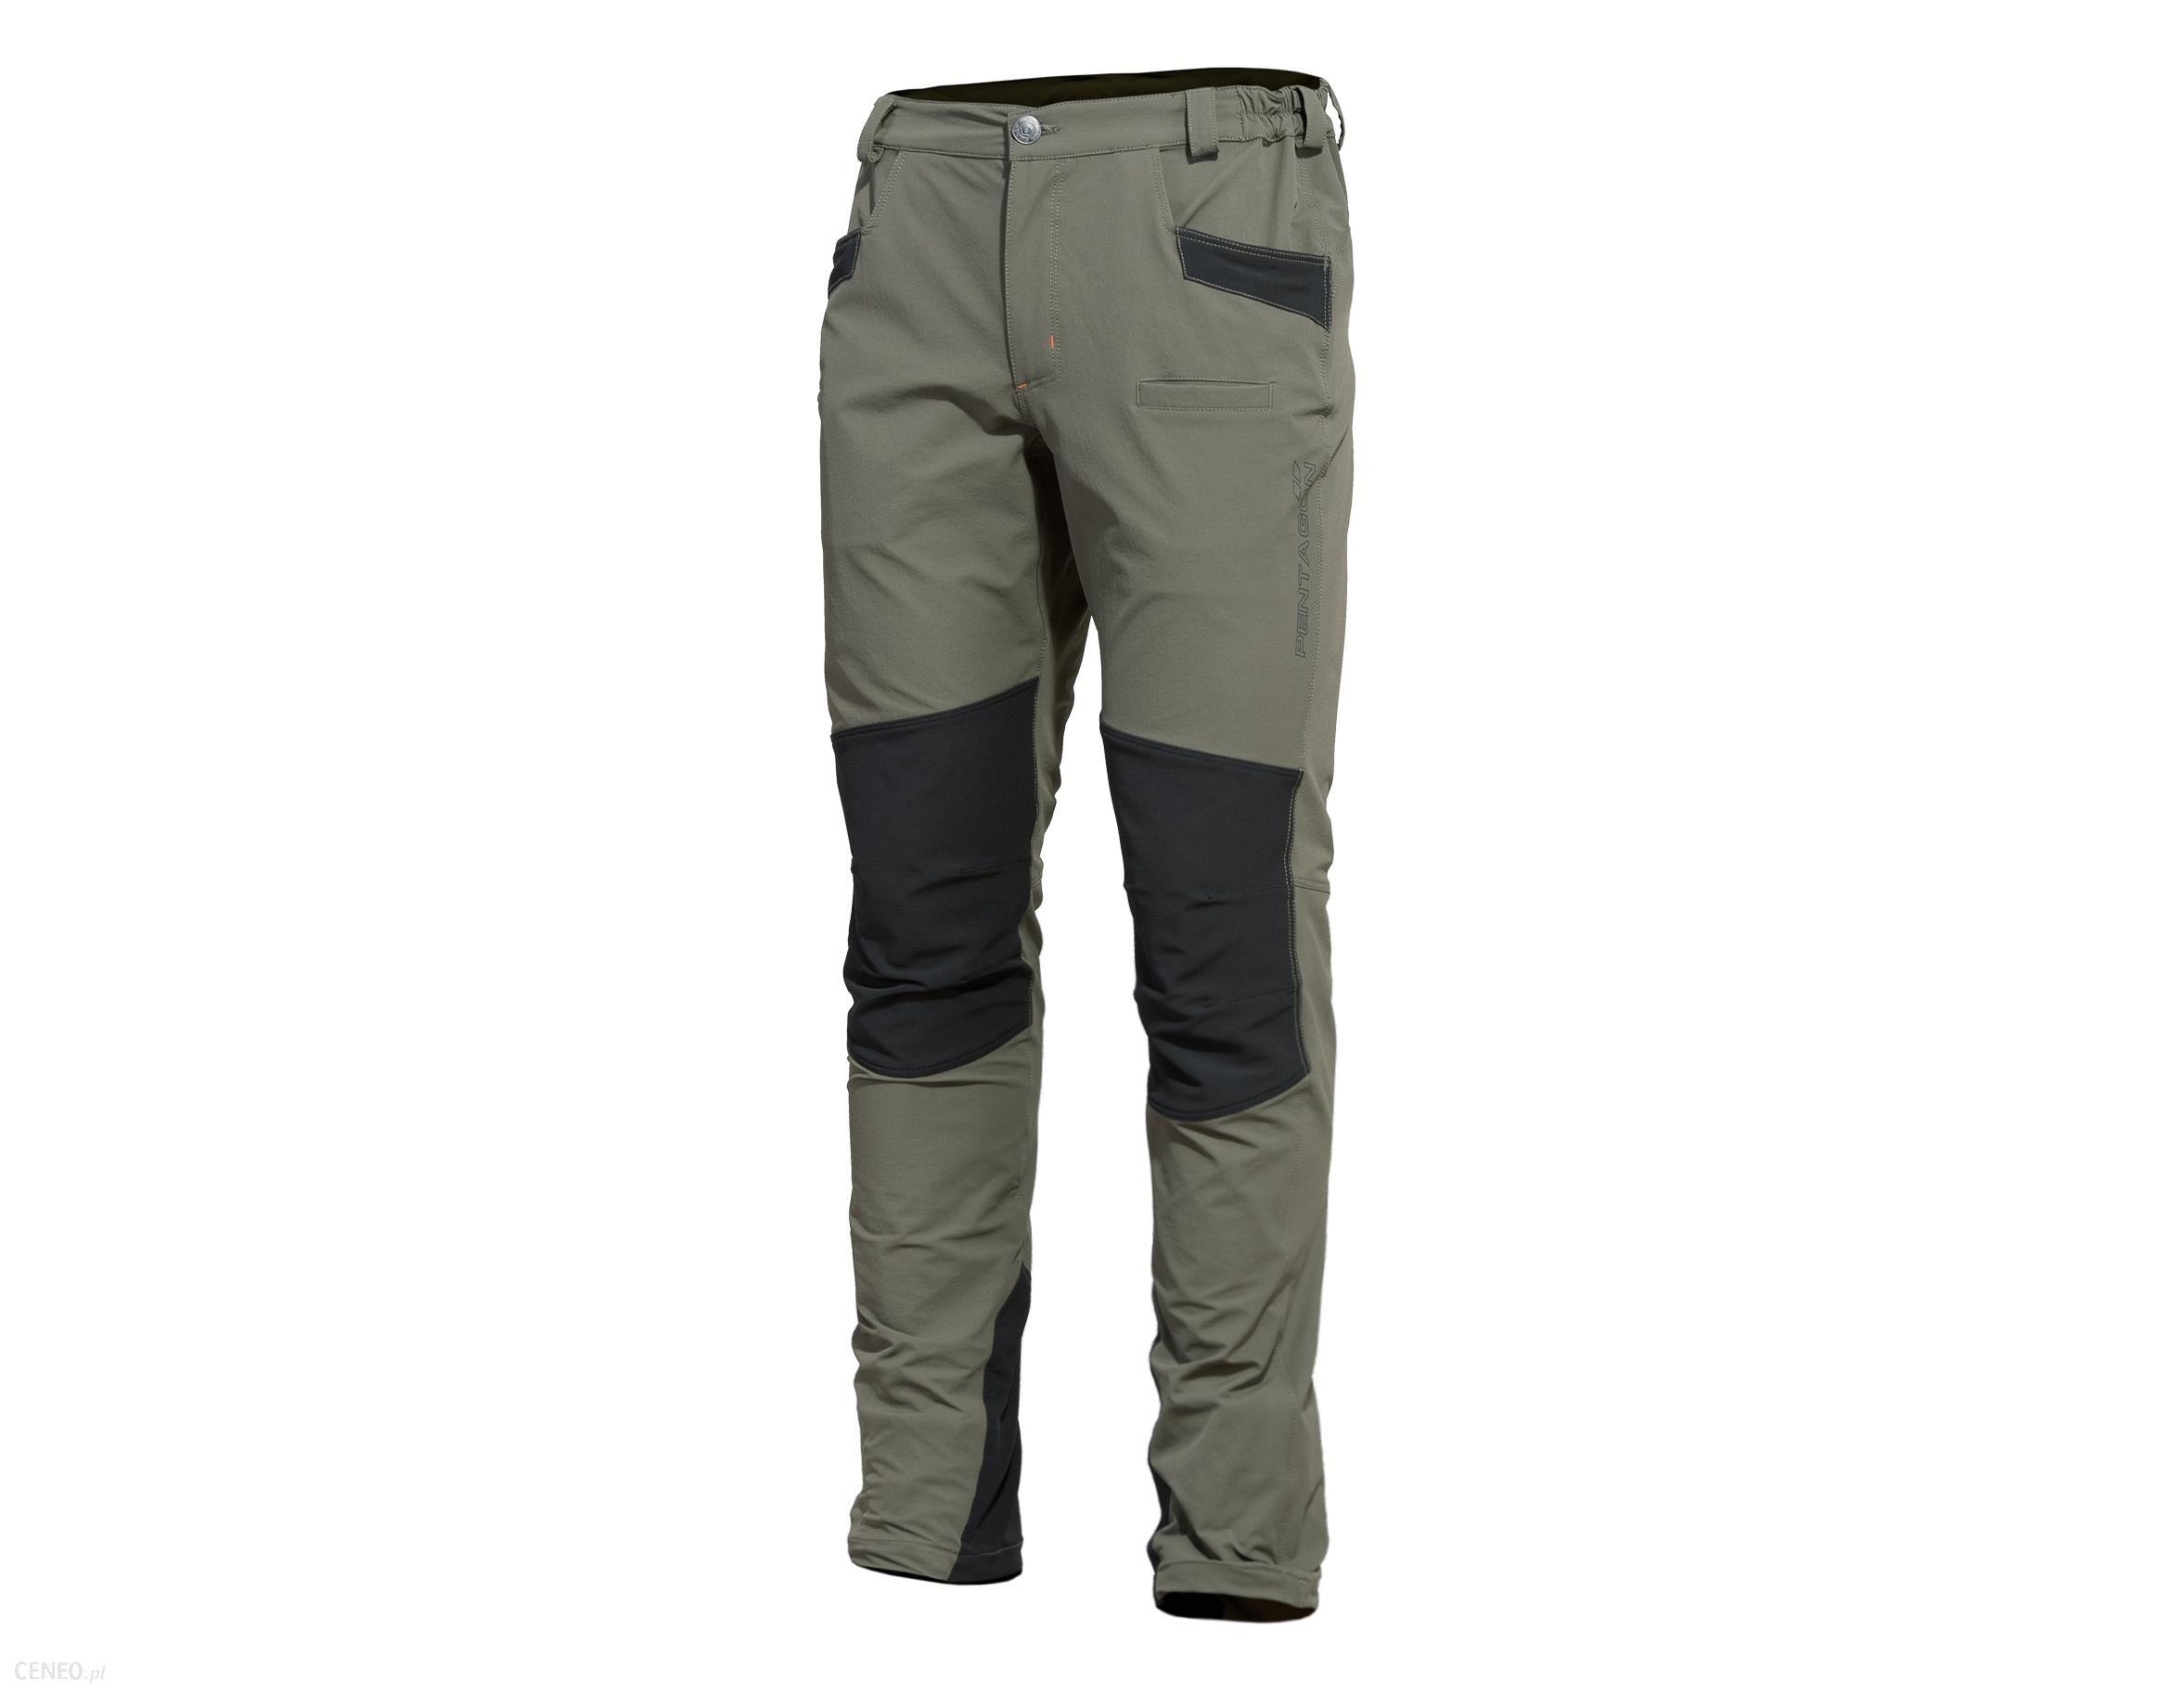 Pentagon Spodnie Hermes Ral7013 (K05020-06)